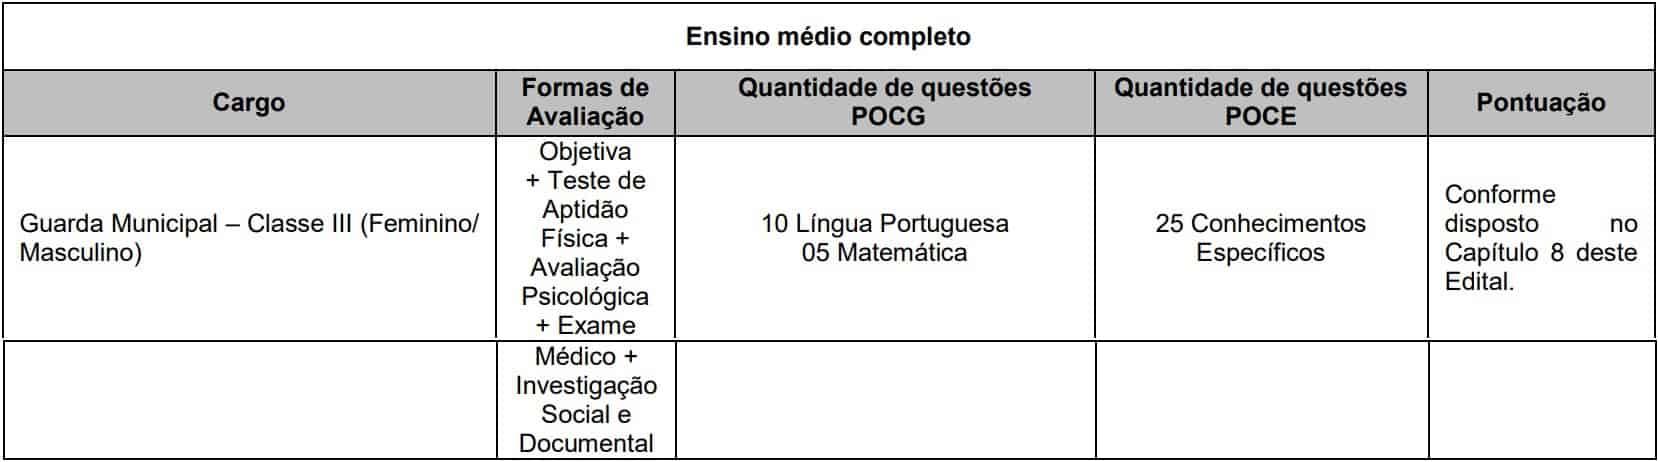 provas Concurso Guarda Municipal de Nova Iguaçu RJ - Concurso Guarda Municipal de Nova Iguaçu RJ: Provas adiadas